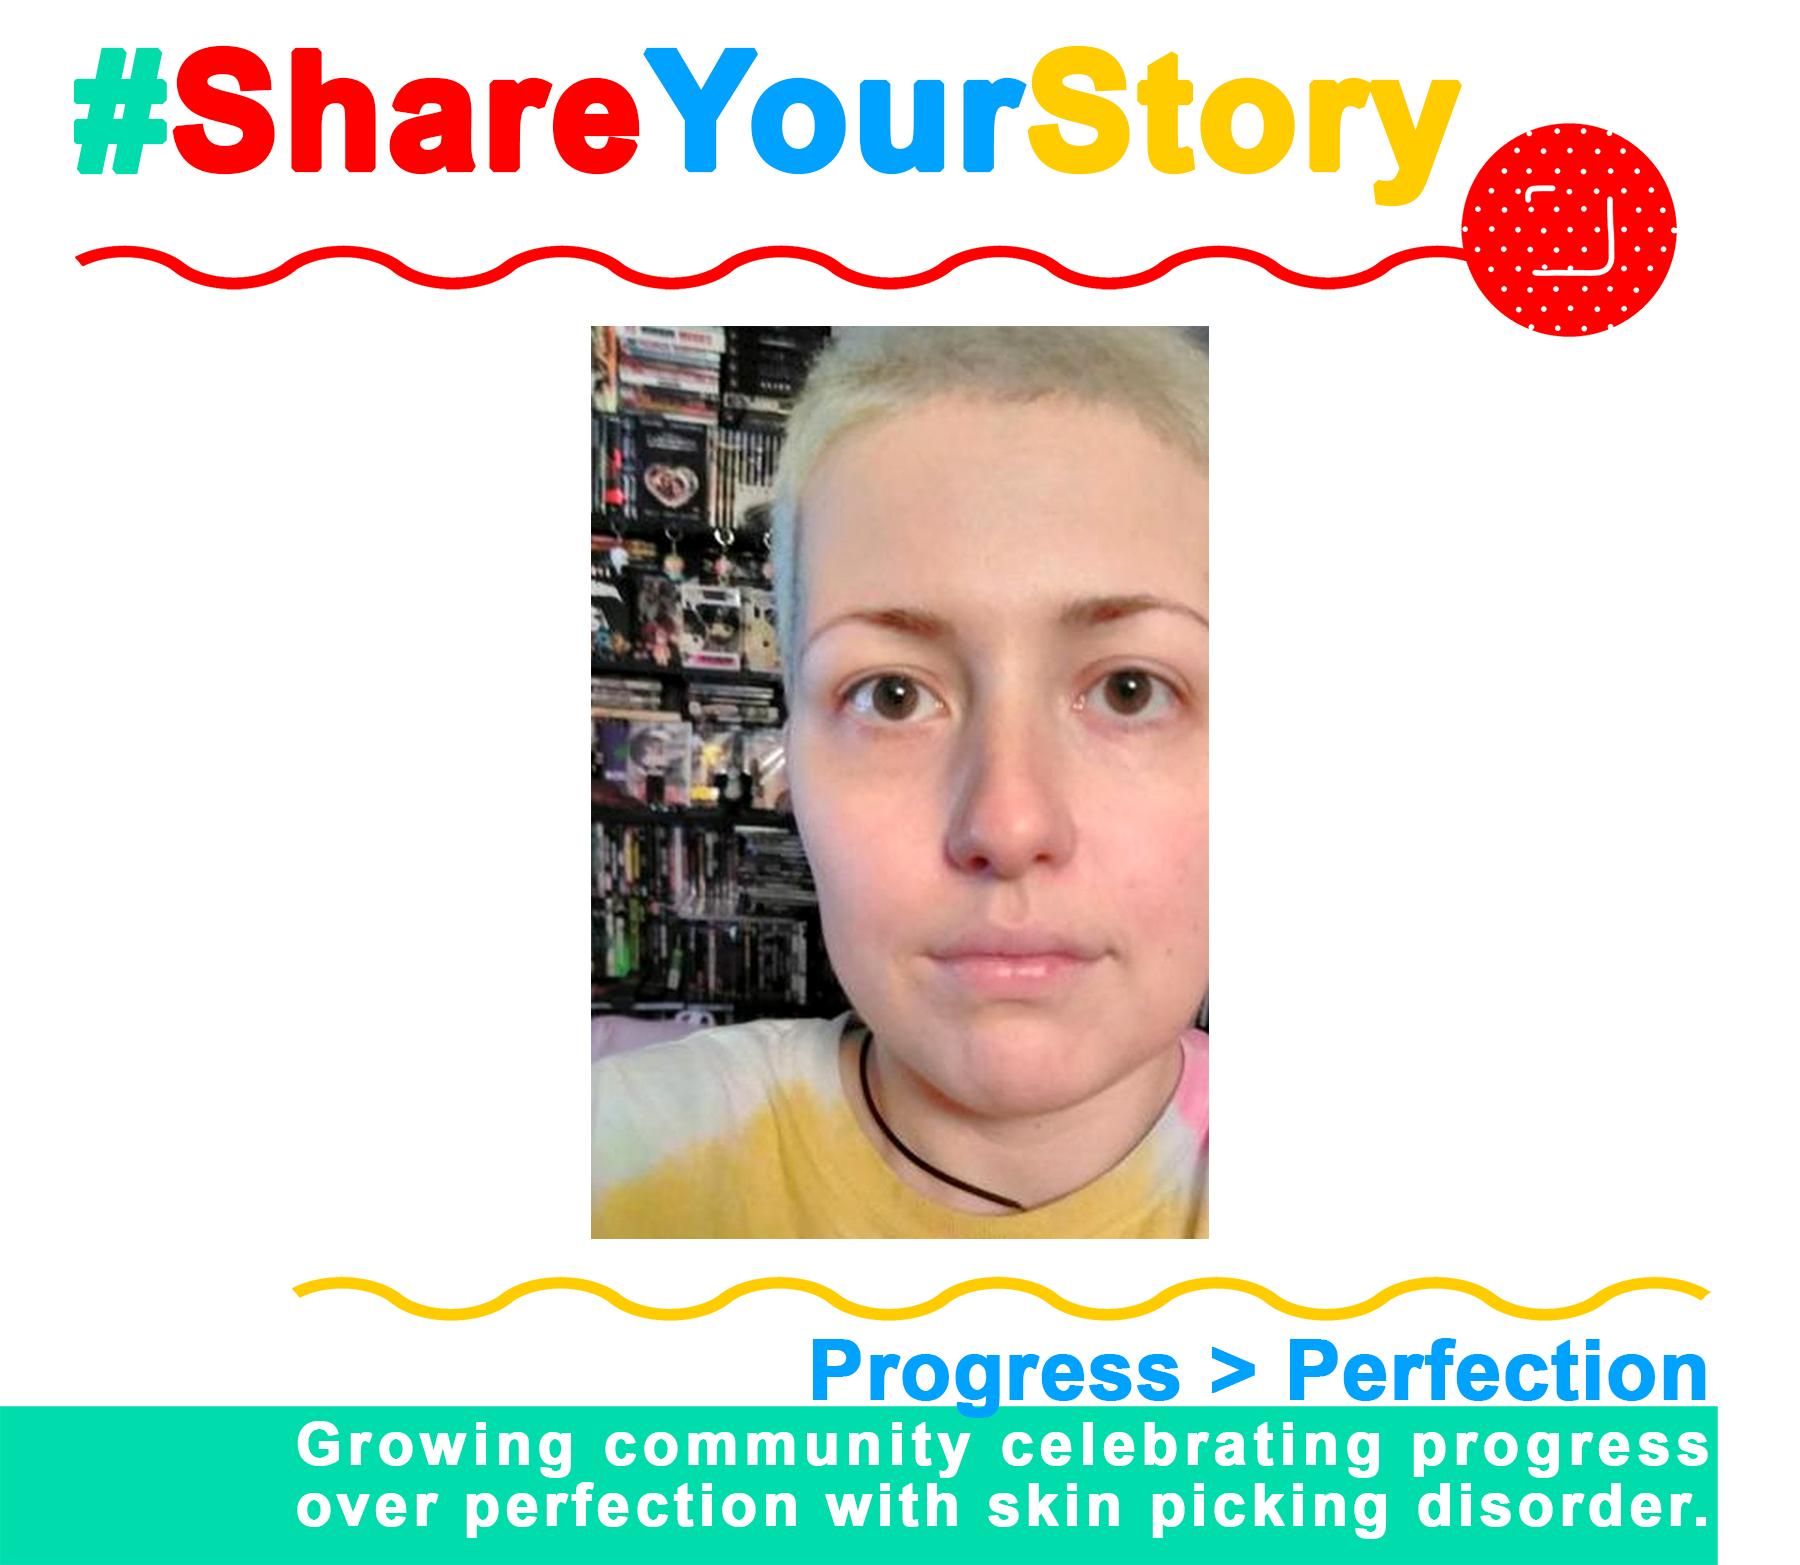 #ShareYourStory: Tina